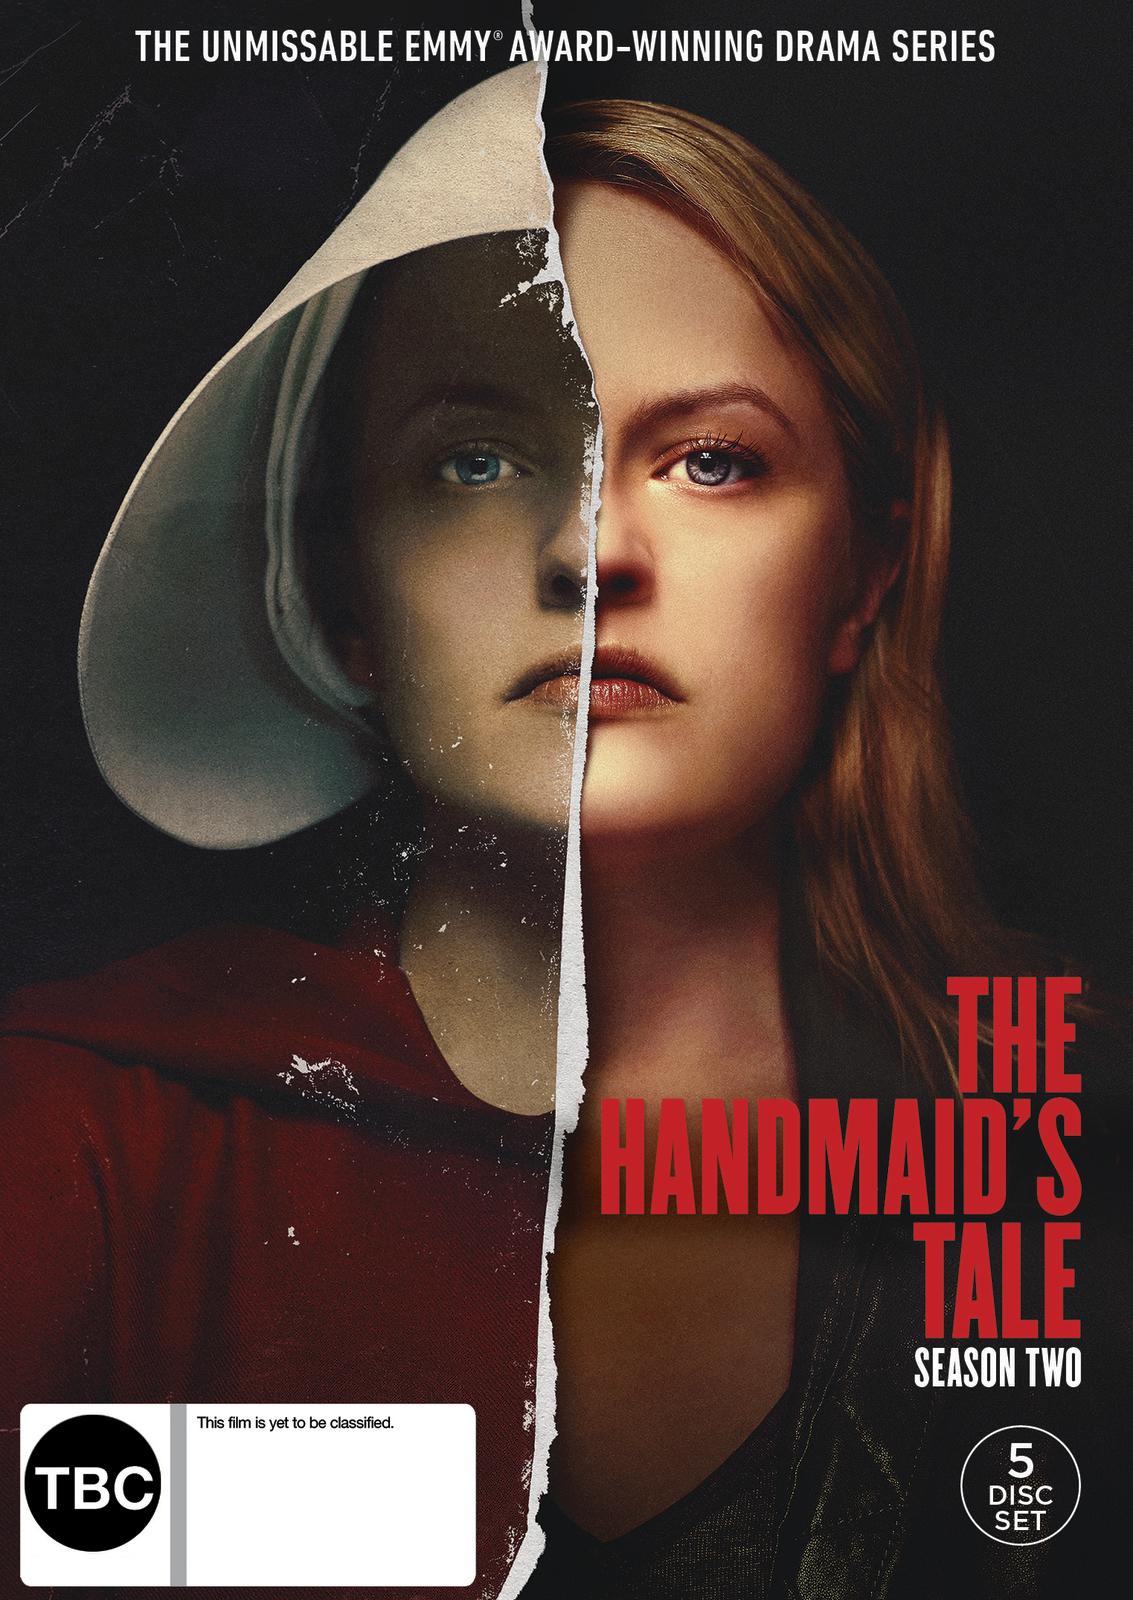 The Handmaid's Tale: Season 2 on DVD image